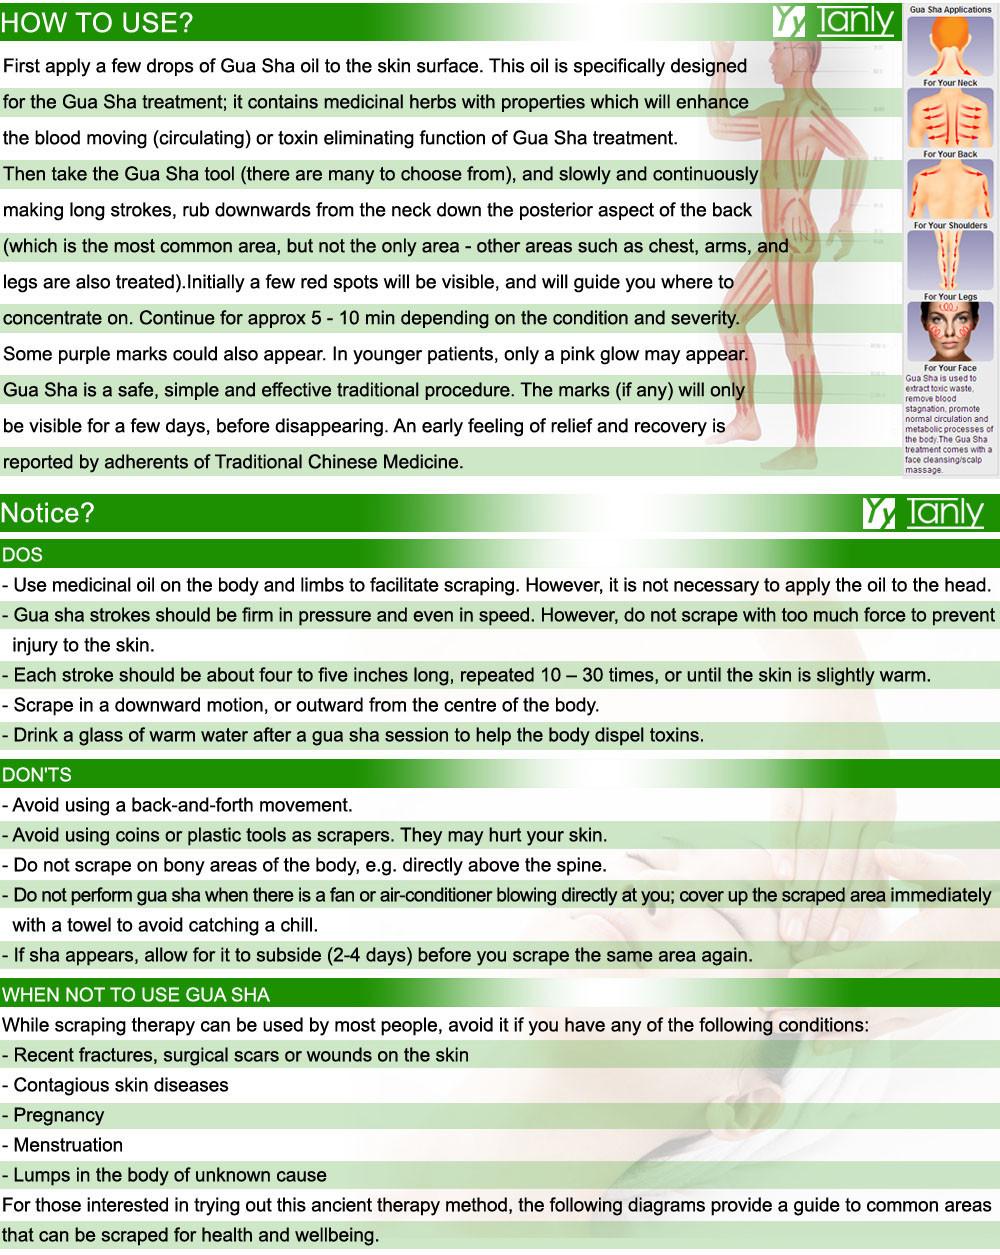 Gift gua sha chart & bag! Wholesale & Retail Black Bian Stone Massage Guasha Comb health care product  (120x50mm)  Gift gua sha chart & bag! Wholesale & Retail Black Bian Stone Massage Guasha Comb health care product  (120x50mm)  Gift gua sha chart & bag! Wholesale & Retail Black Bian Stone Massage Guasha Comb health care product  (120x50mm)  Gift gua sha chart & bag! Wholesale & Retail Black Bian Stone Massage Guasha Comb health care product  (120x50mm)